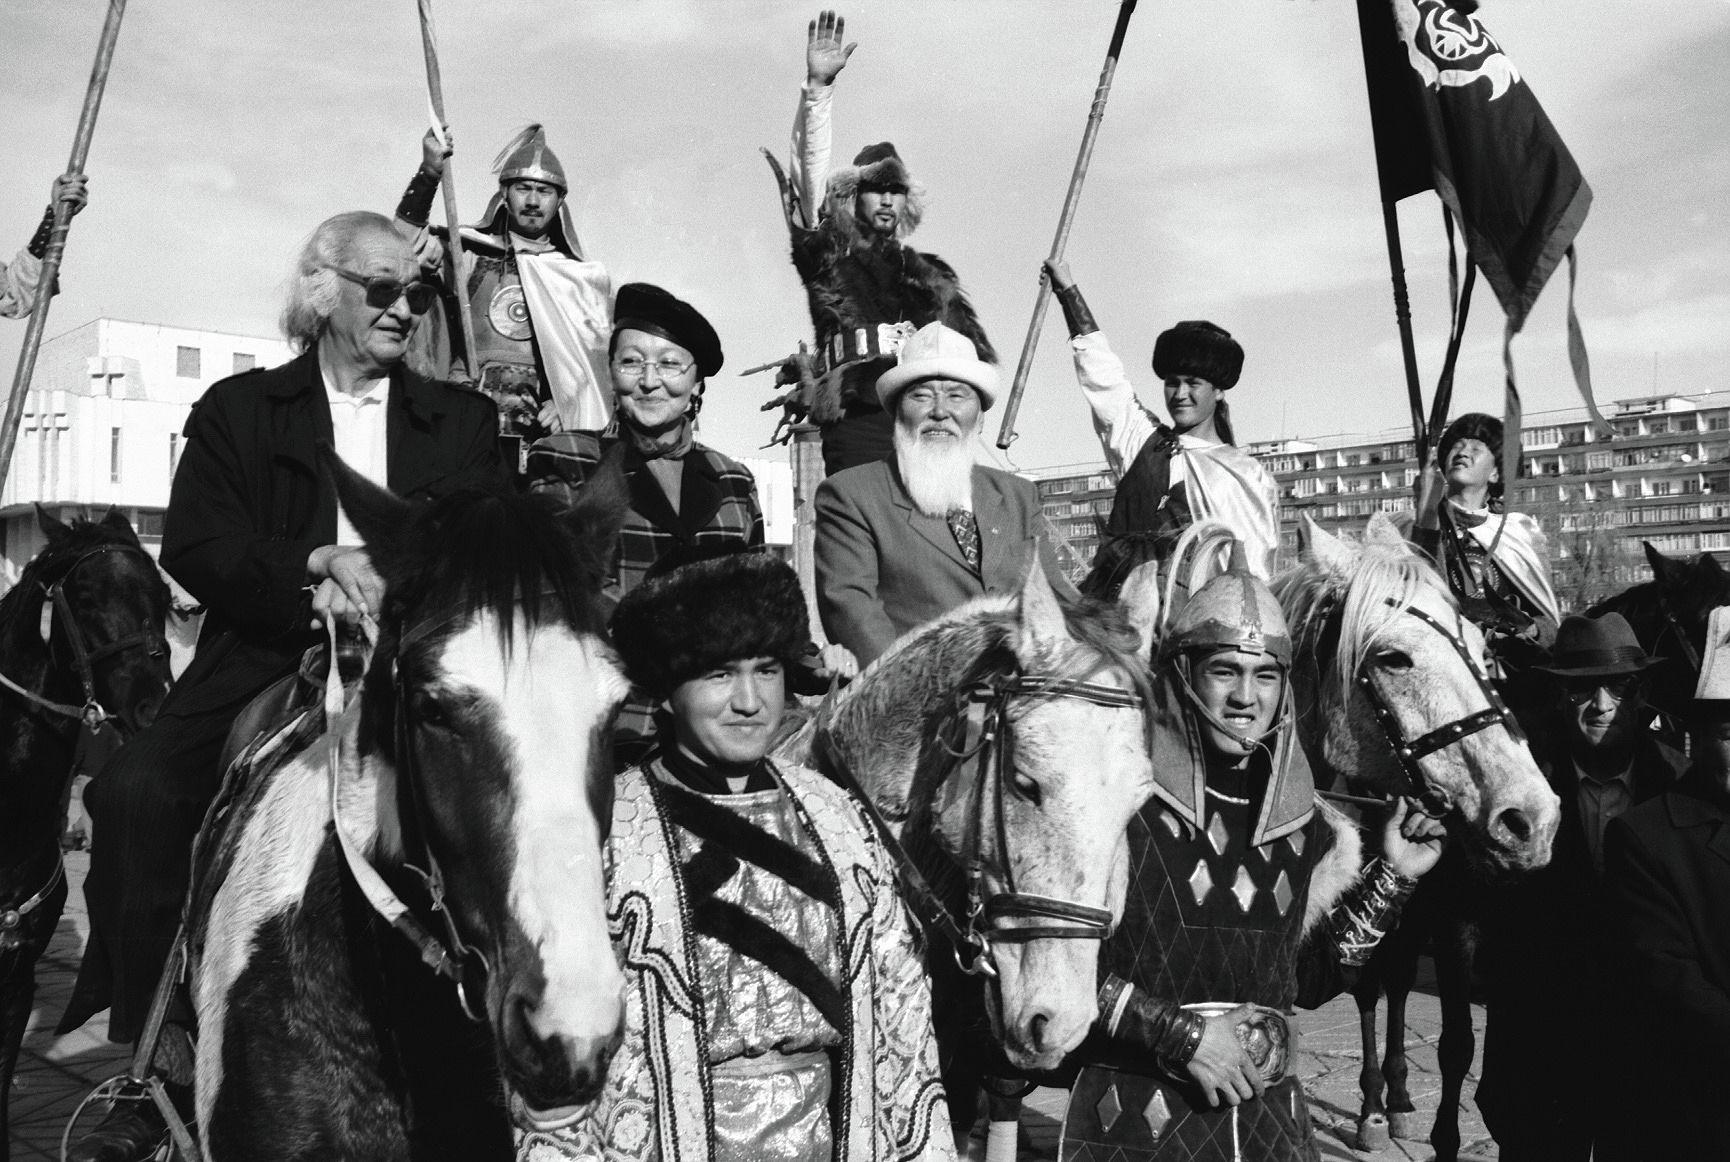 Кыргыз Республикасынын эл артисттери Болот Бейшеналиев, Гүлсара Ажыбекова, Орозбек Кутманалиев, Акылбек Мураталиев, Мурат Мамбетов жана жаш каскадёрлордун сүрөтү 2001-жылы Бишкек шаарында тартылган.